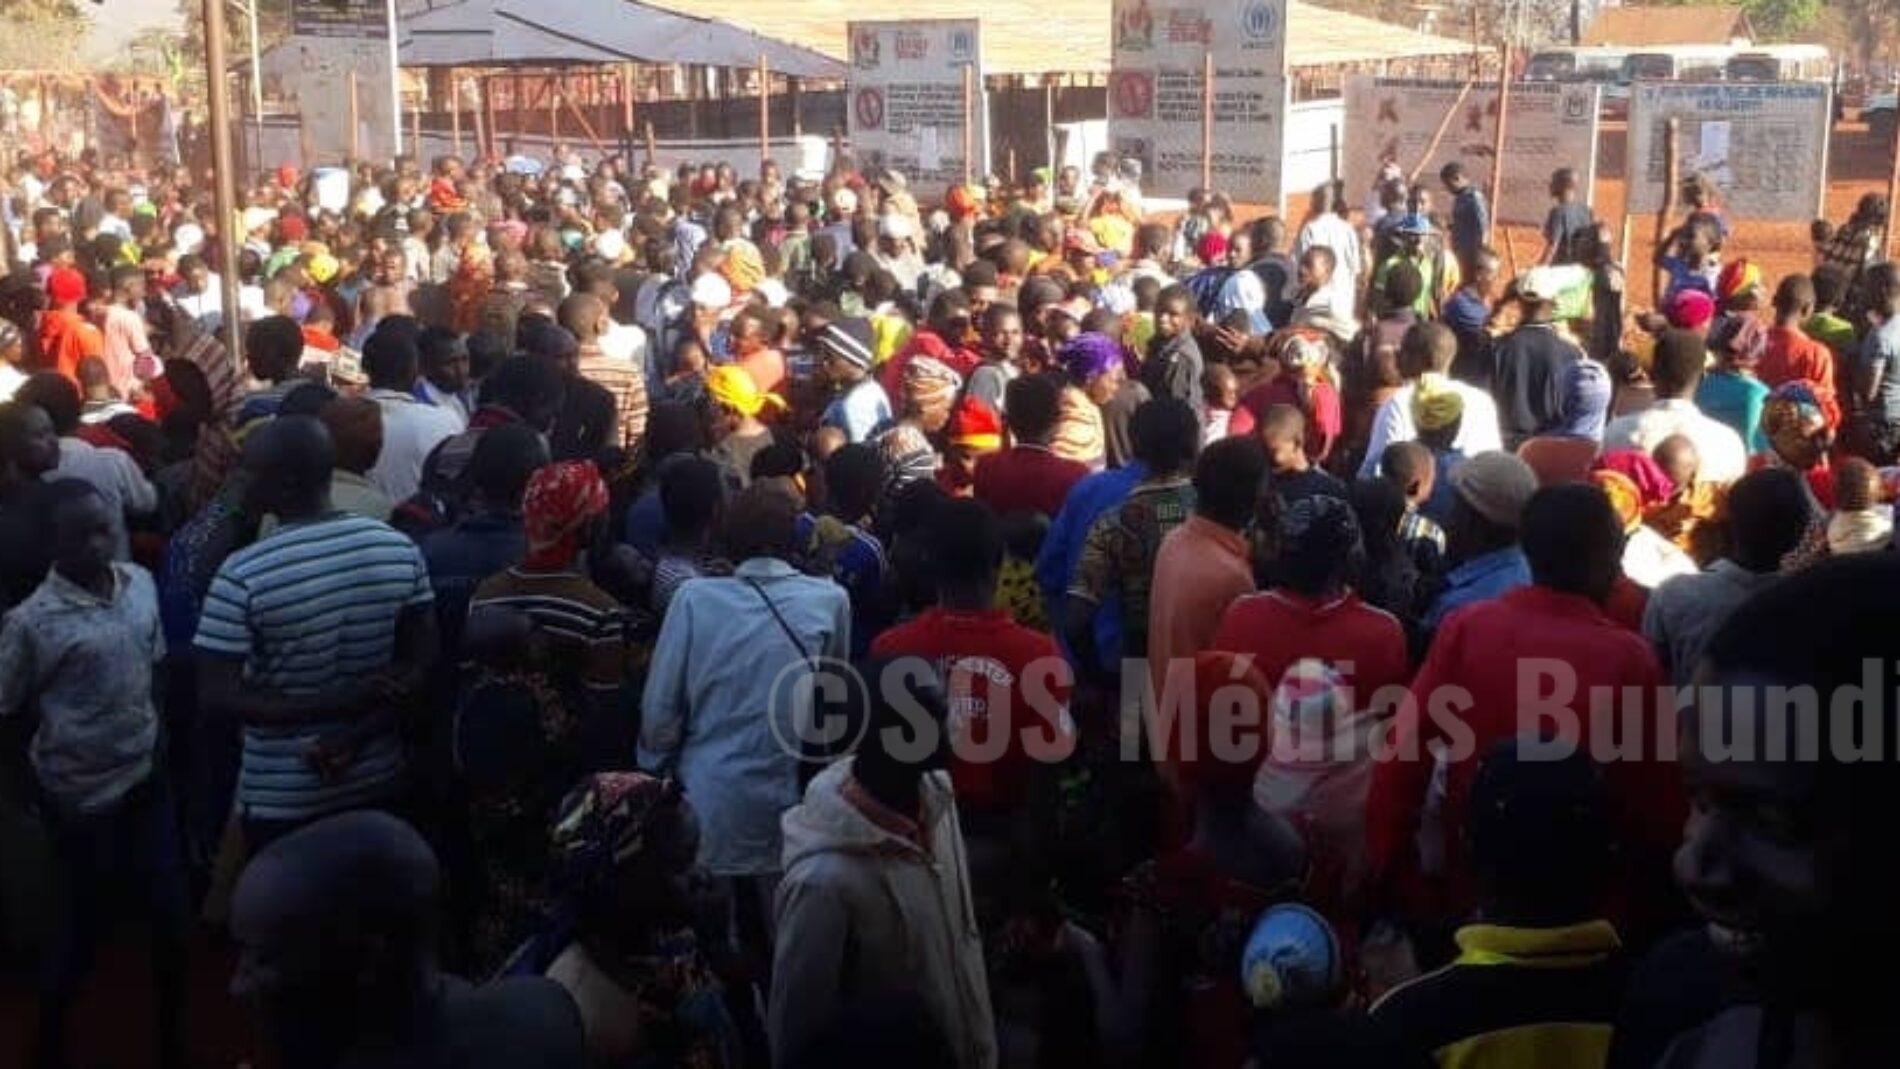 Tanzanie: les réfugiés burundais rentrent en grand nombre